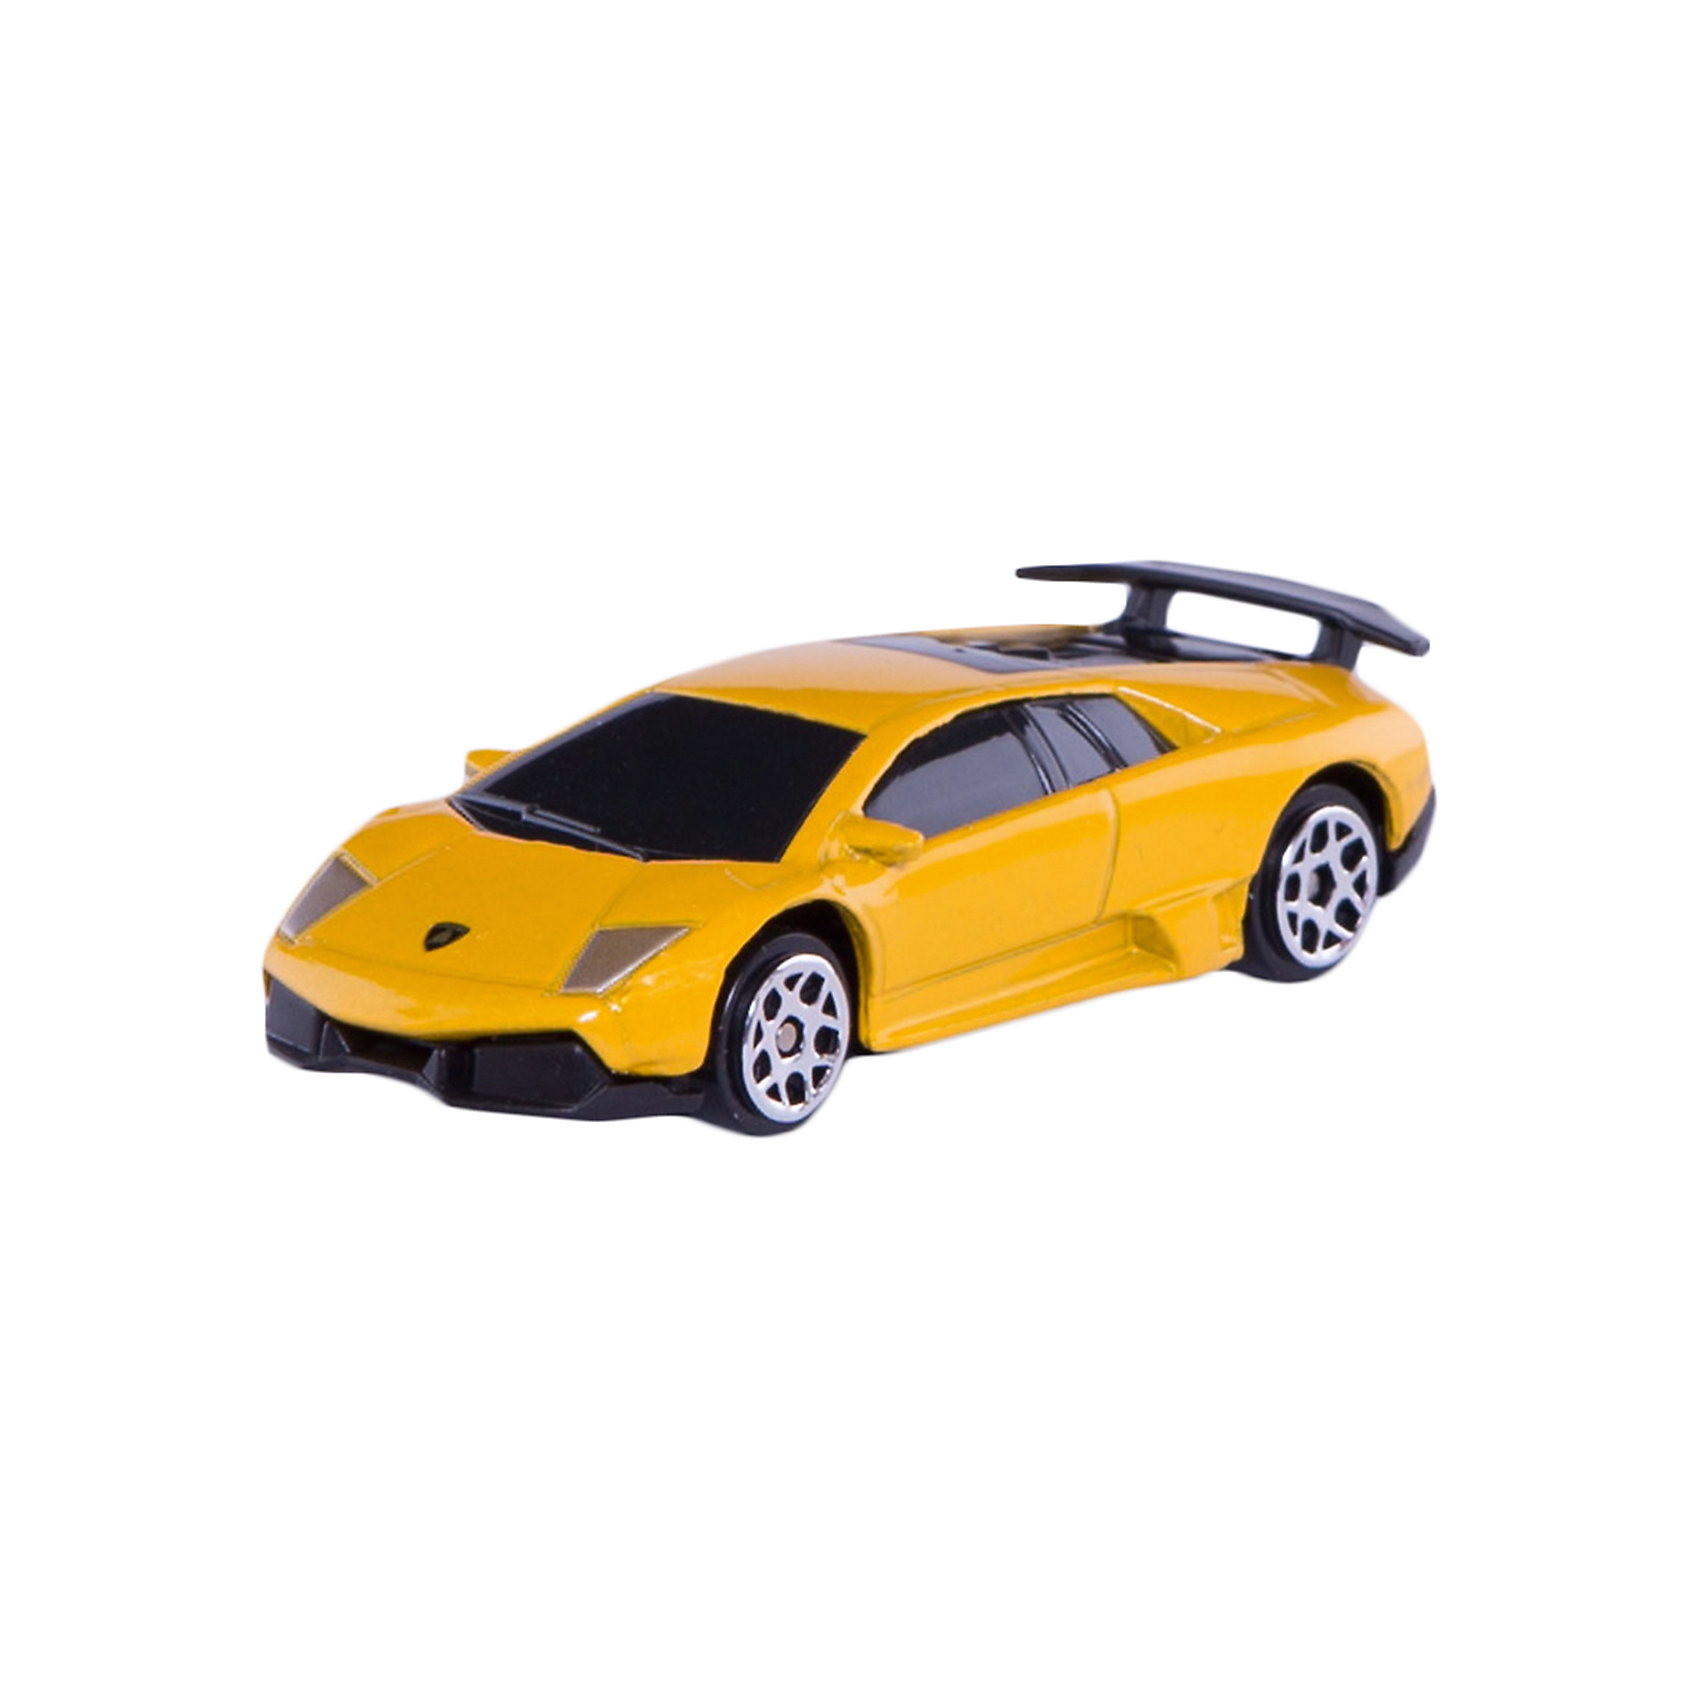 Машинка Lamborghini Murcielago LP670-4 Jeans 3, AutotimeМашинки<br>Характеристики товара:<br><br>• цвет: в ассортименте<br>• возраст: от 3 лет<br>• материал: металл, пластик<br>• масштаб: 1:64<br>• колеса вращаются<br>• размер упаковки: 9х4х4 см<br>• вес с упаковкой: 100 г<br>• страна бренда: Россия, Китай<br>• страна изготовитель: Китай<br><br>Эта отлично детализированная машинка является коллекционной моделью. Это - миниатюрная копия реально существующей модели.<br><br>Сделана машинка из прочного и безопасного материала. Модель с вращающимися колесами.<br><br>Машинку «Lamborghini Murcielago LP670-4» Jeans 3, Autotime (Автотайм) можно купить в нашем интернет-магазине.<br><br>Ширина мм: 90<br>Глубина мм: 42<br>Высота мм: 40<br>Вес г: 14<br>Возраст от месяцев: 36<br>Возраст до месяцев: 2147483647<br>Пол: Мужской<br>Возраст: Детский<br>SKU: 5584065